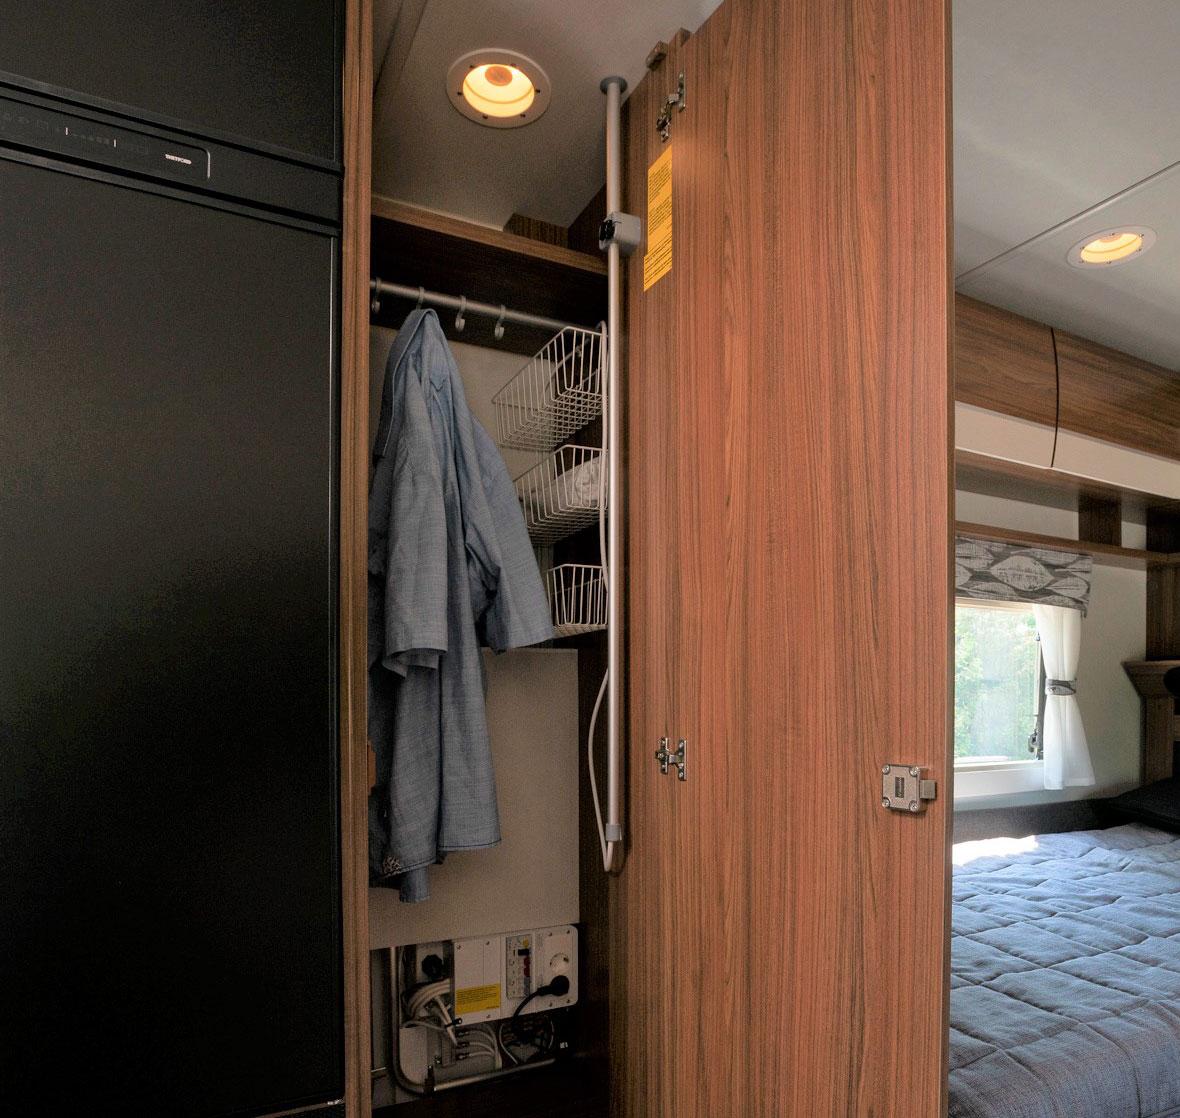 I garderoben finns vagnens batteri och elcentral.